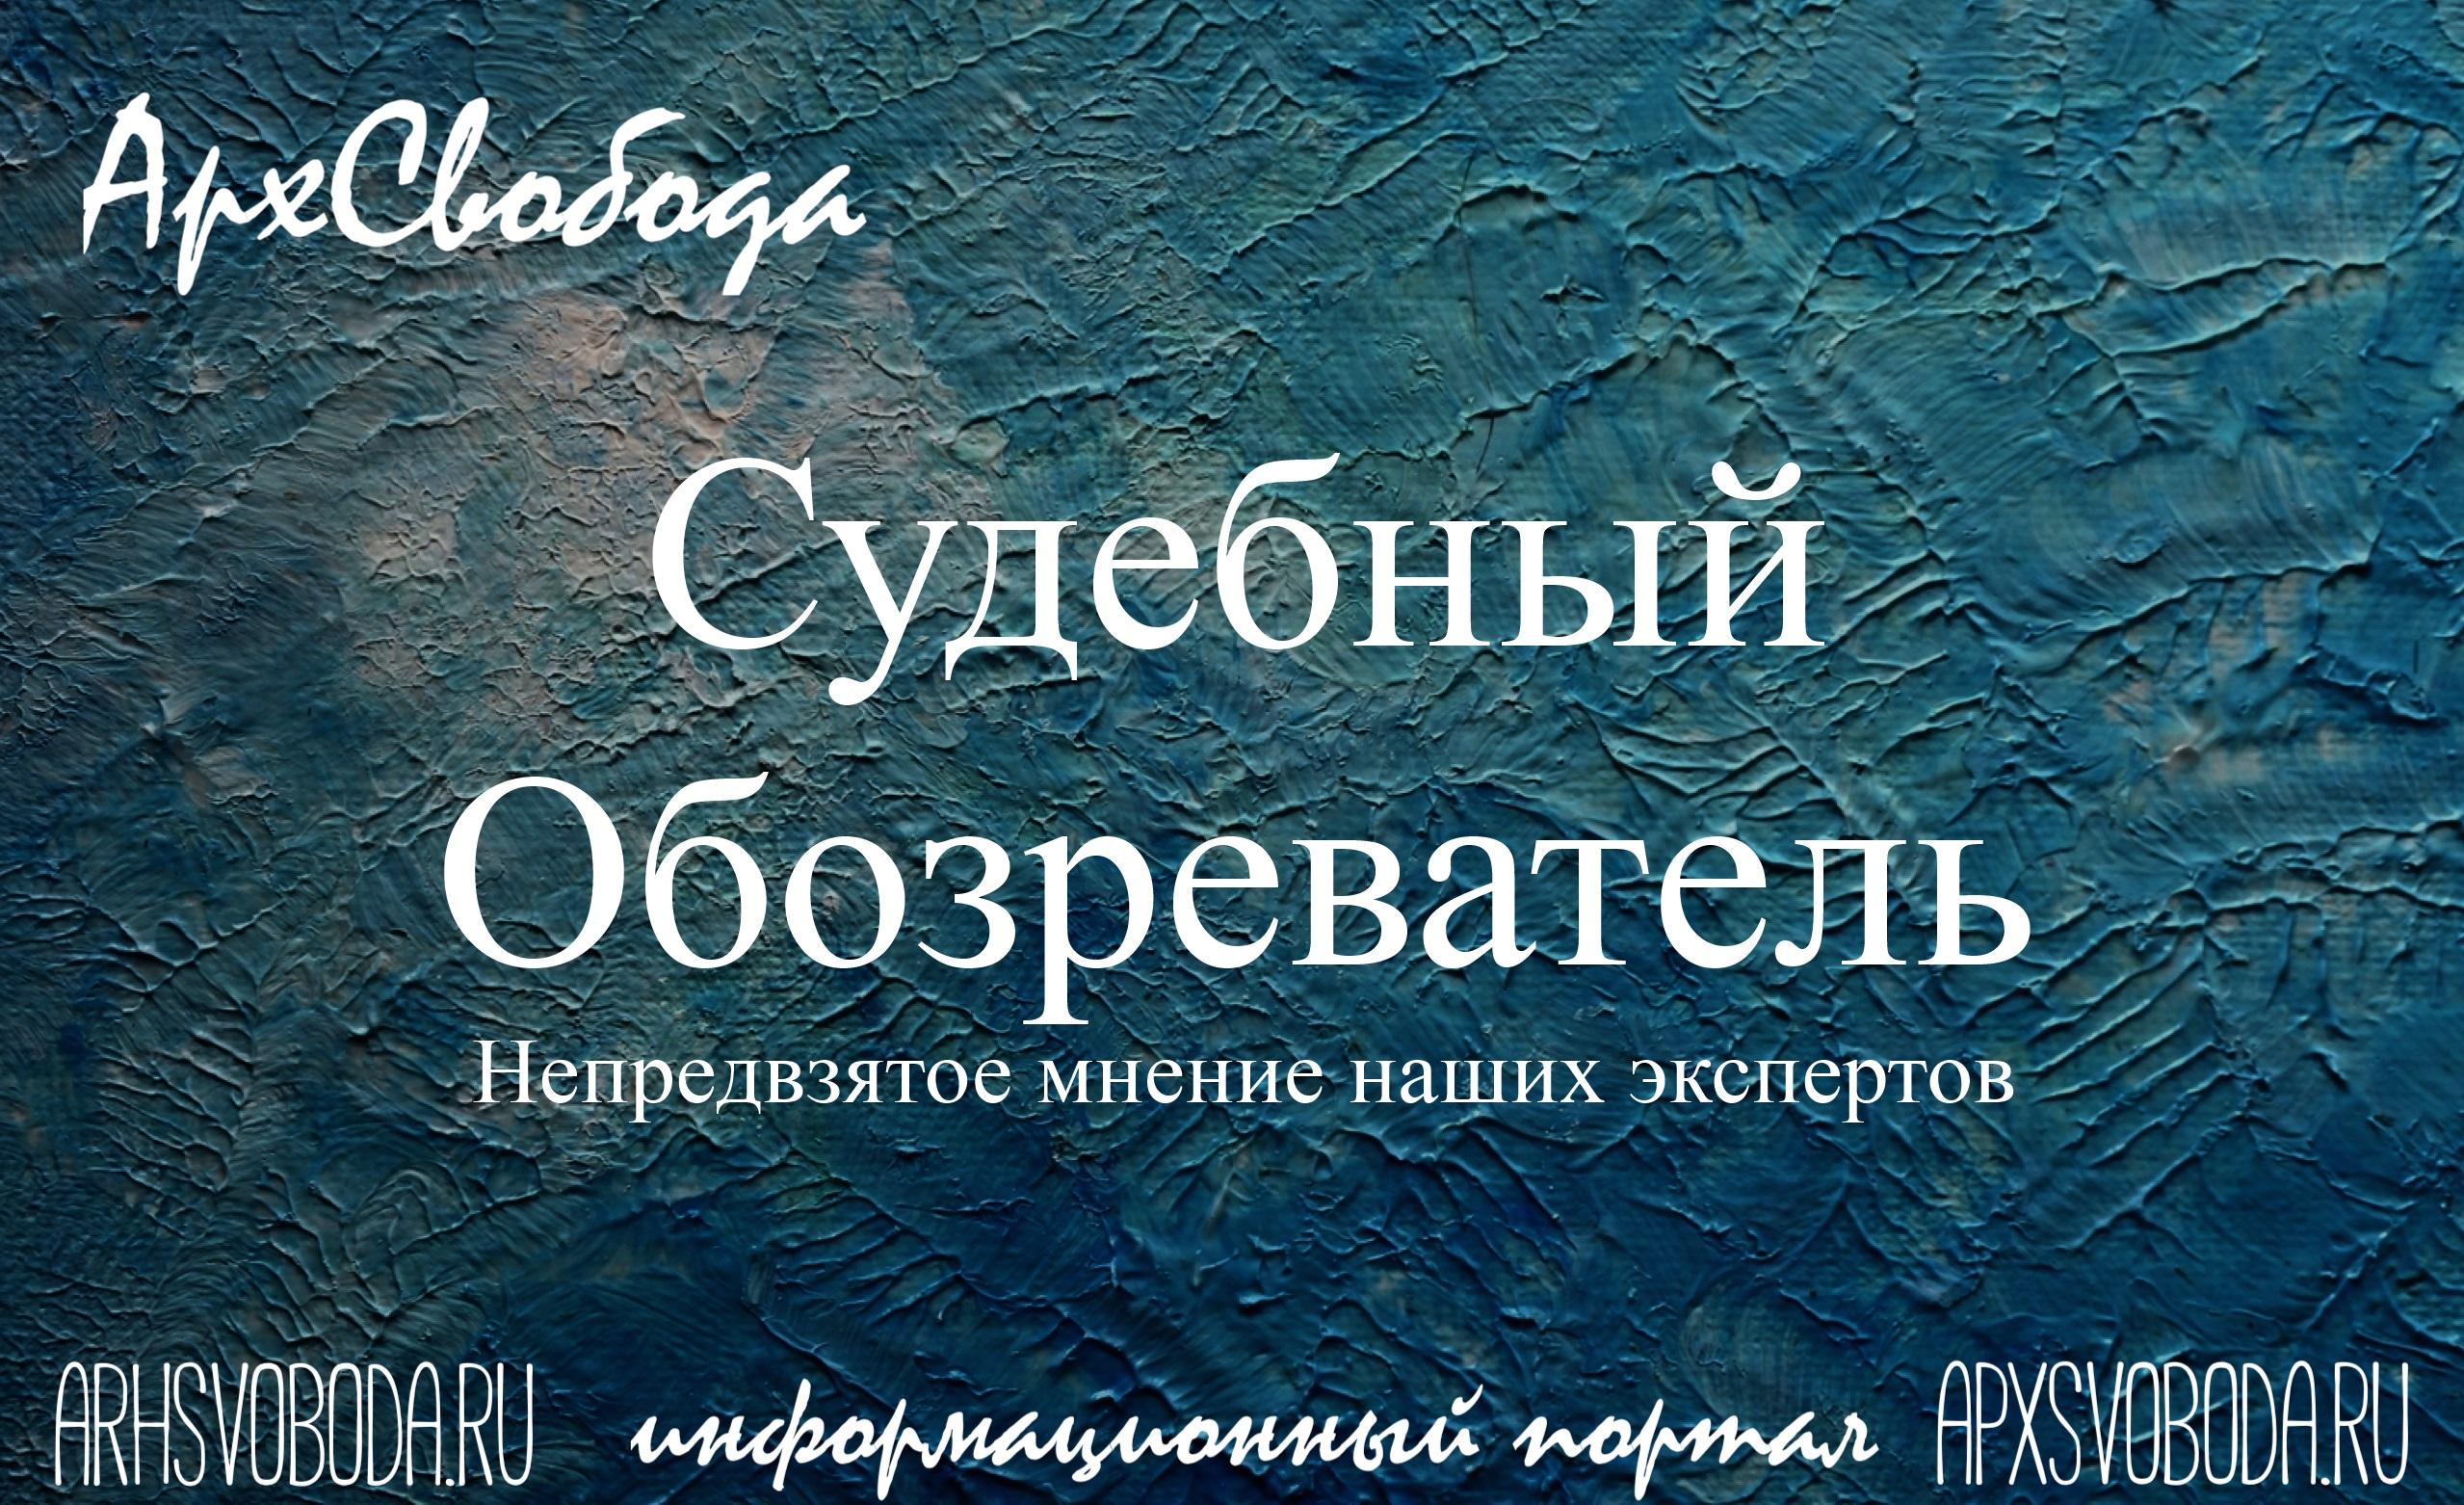 Питер. Аверин сдаст Орлова и Годзиша